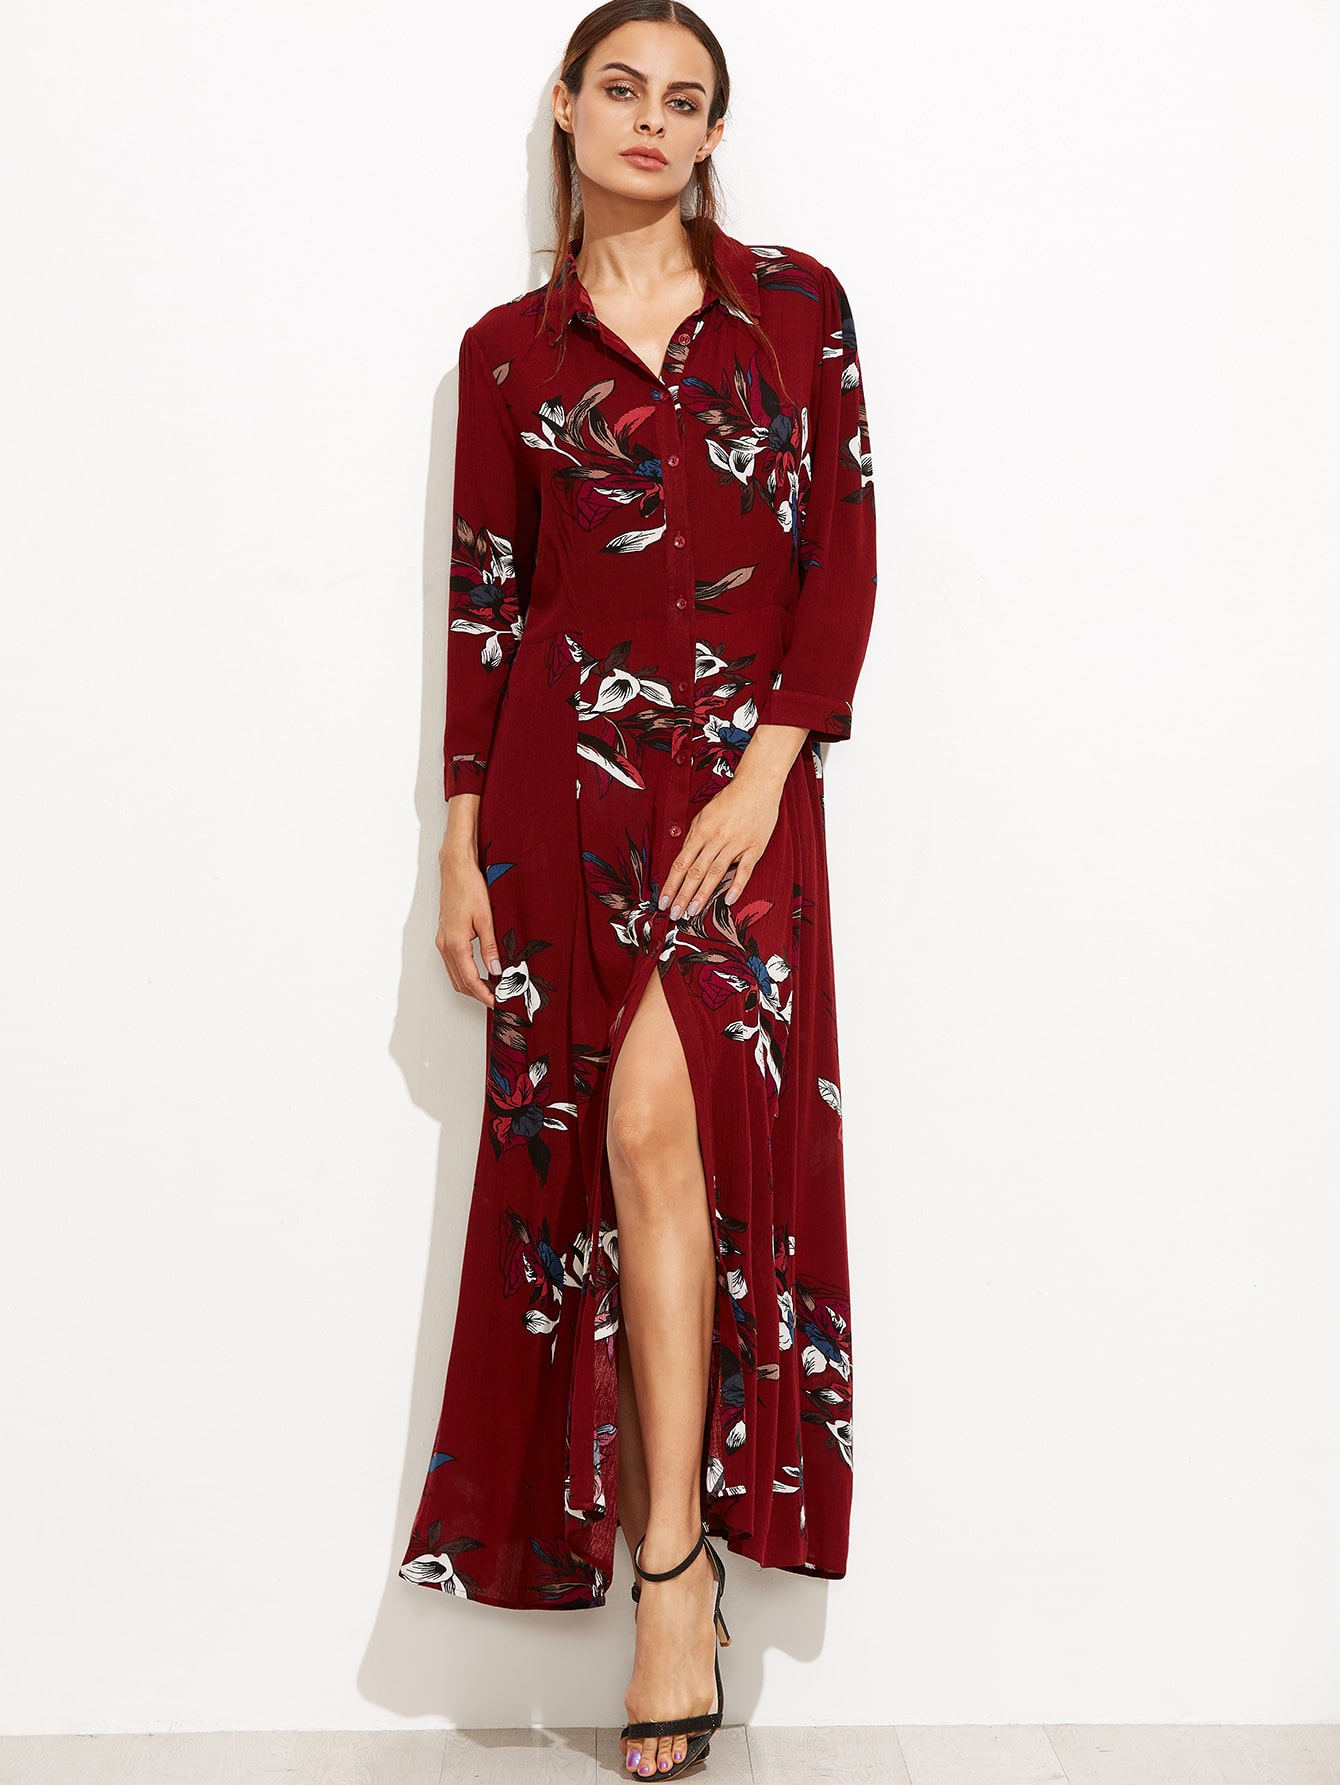 dress160902470_2